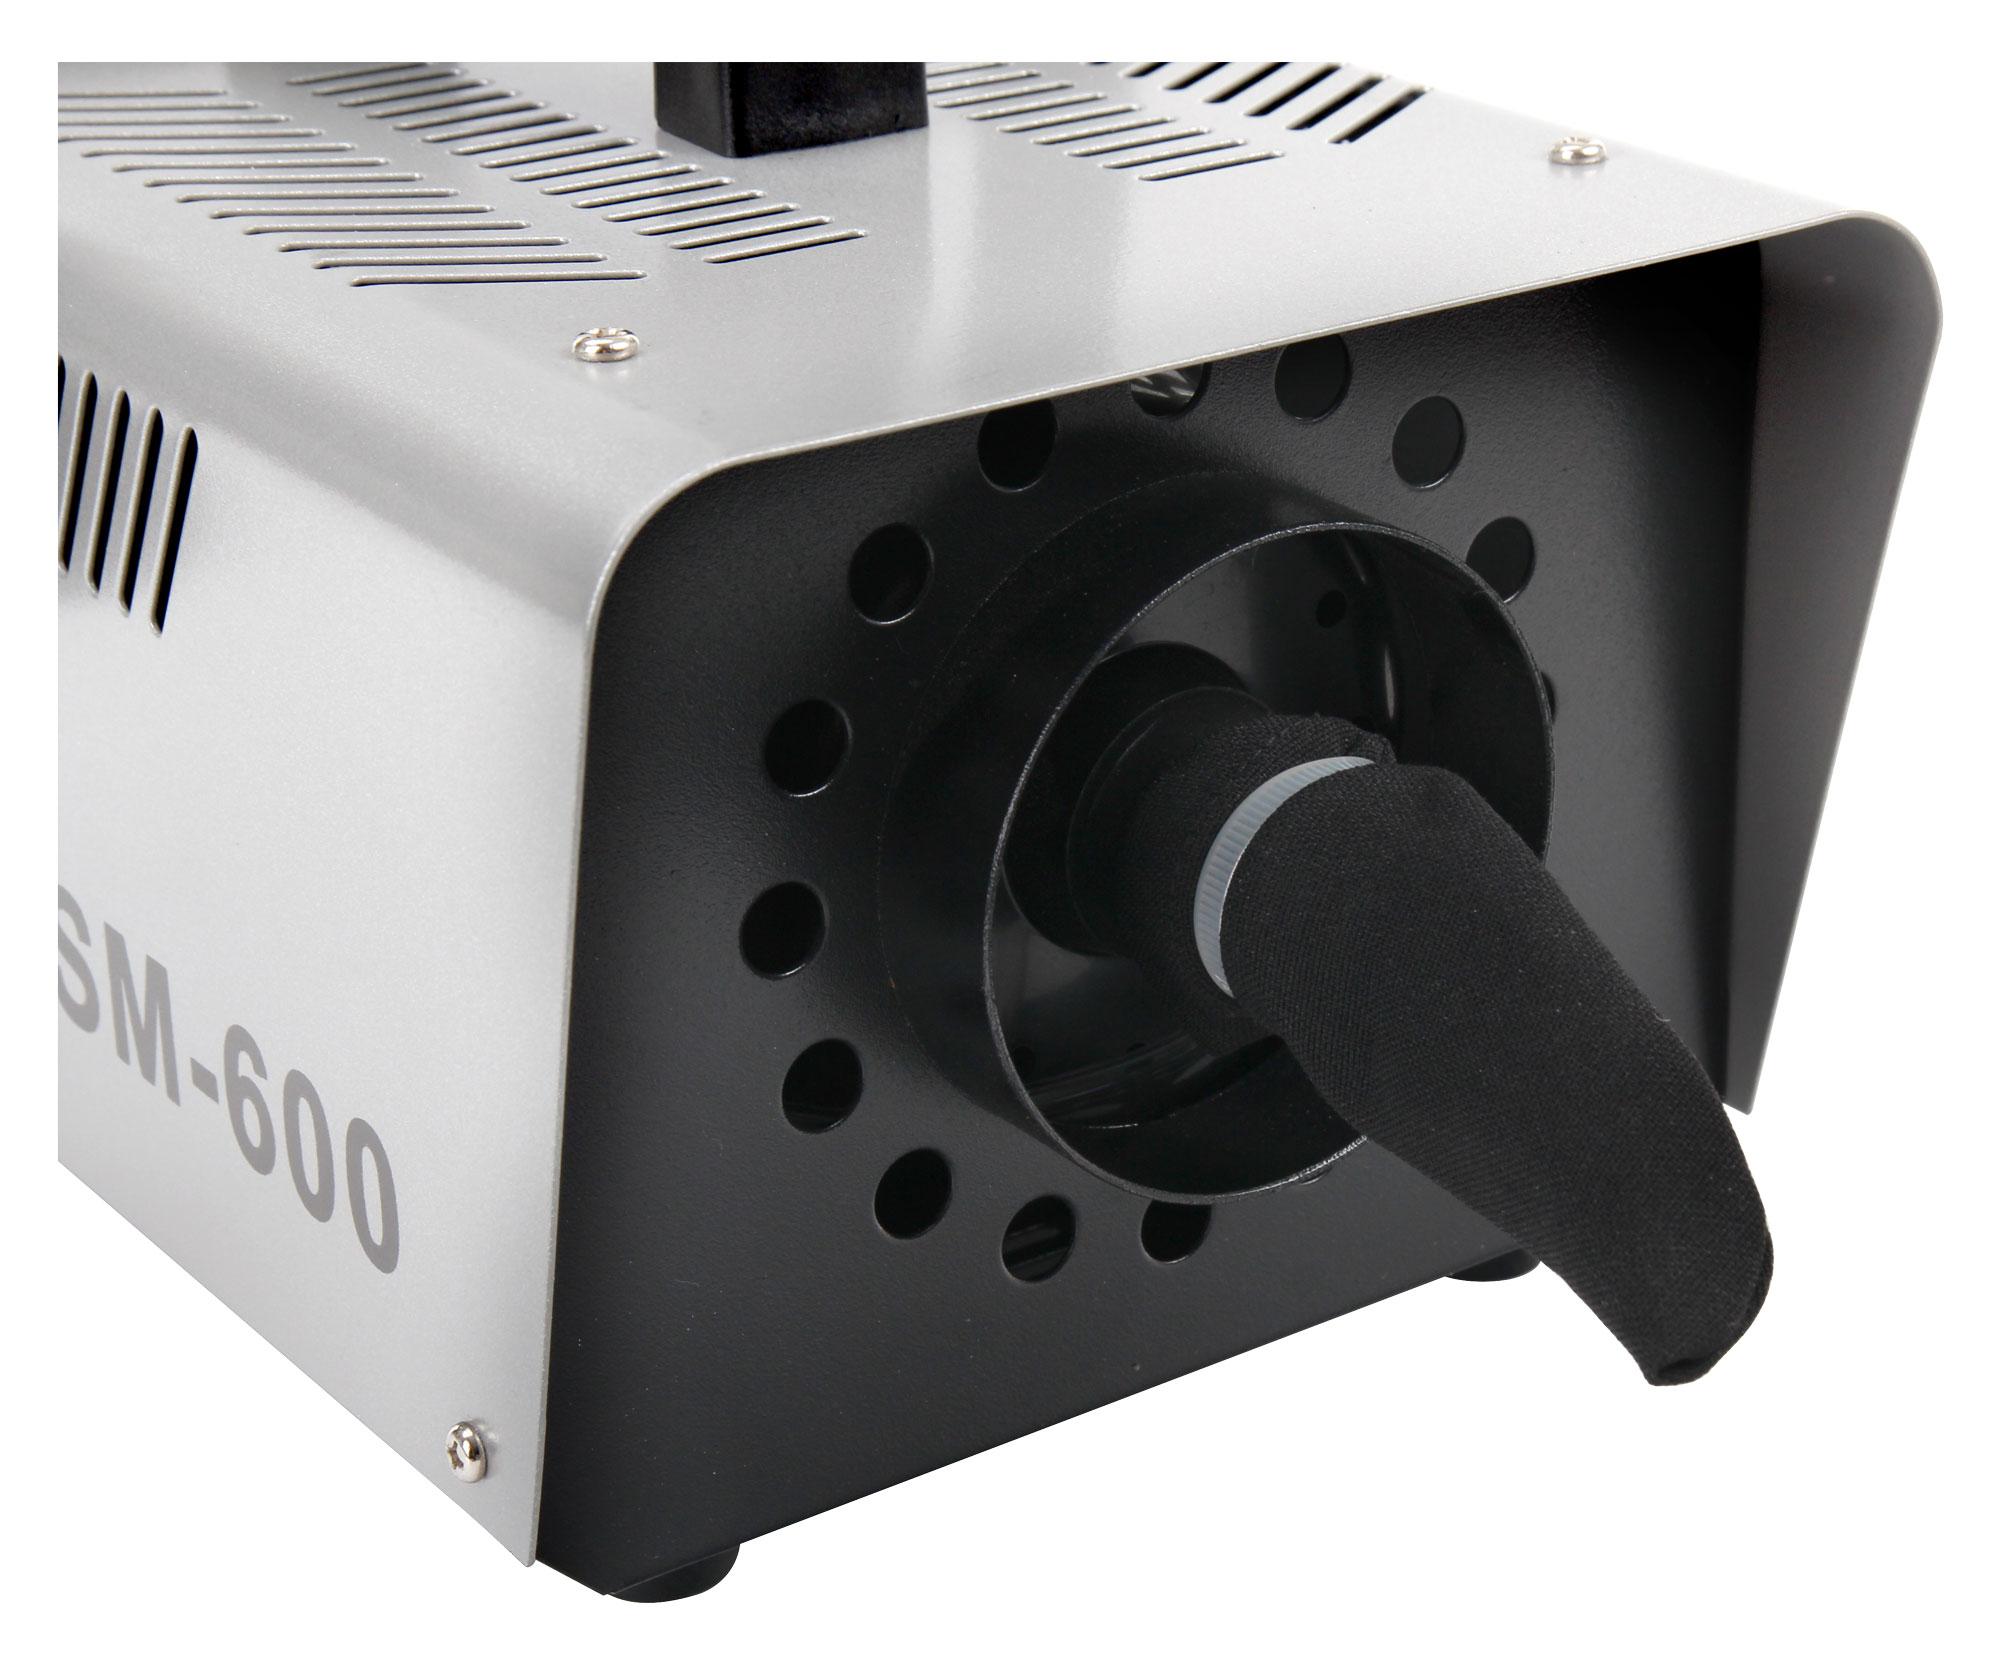 Showlite SM-600 Schneemaschine 600W inkl. Fernbedienung